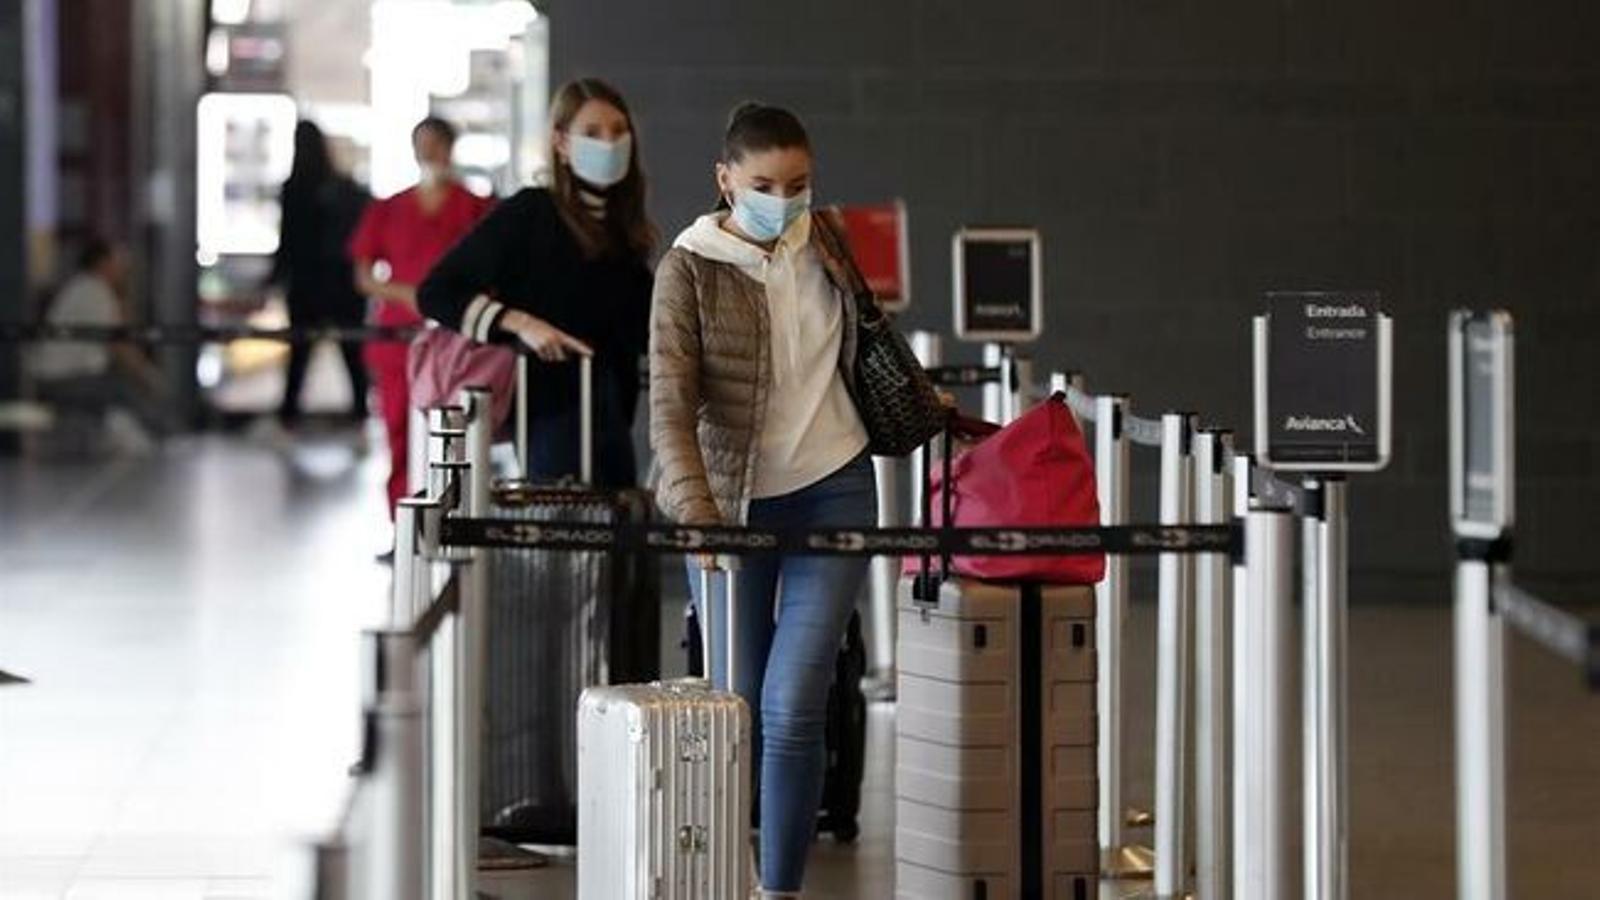 Bèlgica afegeix les Balears a la llista de zones per a les quals recomana quarantena